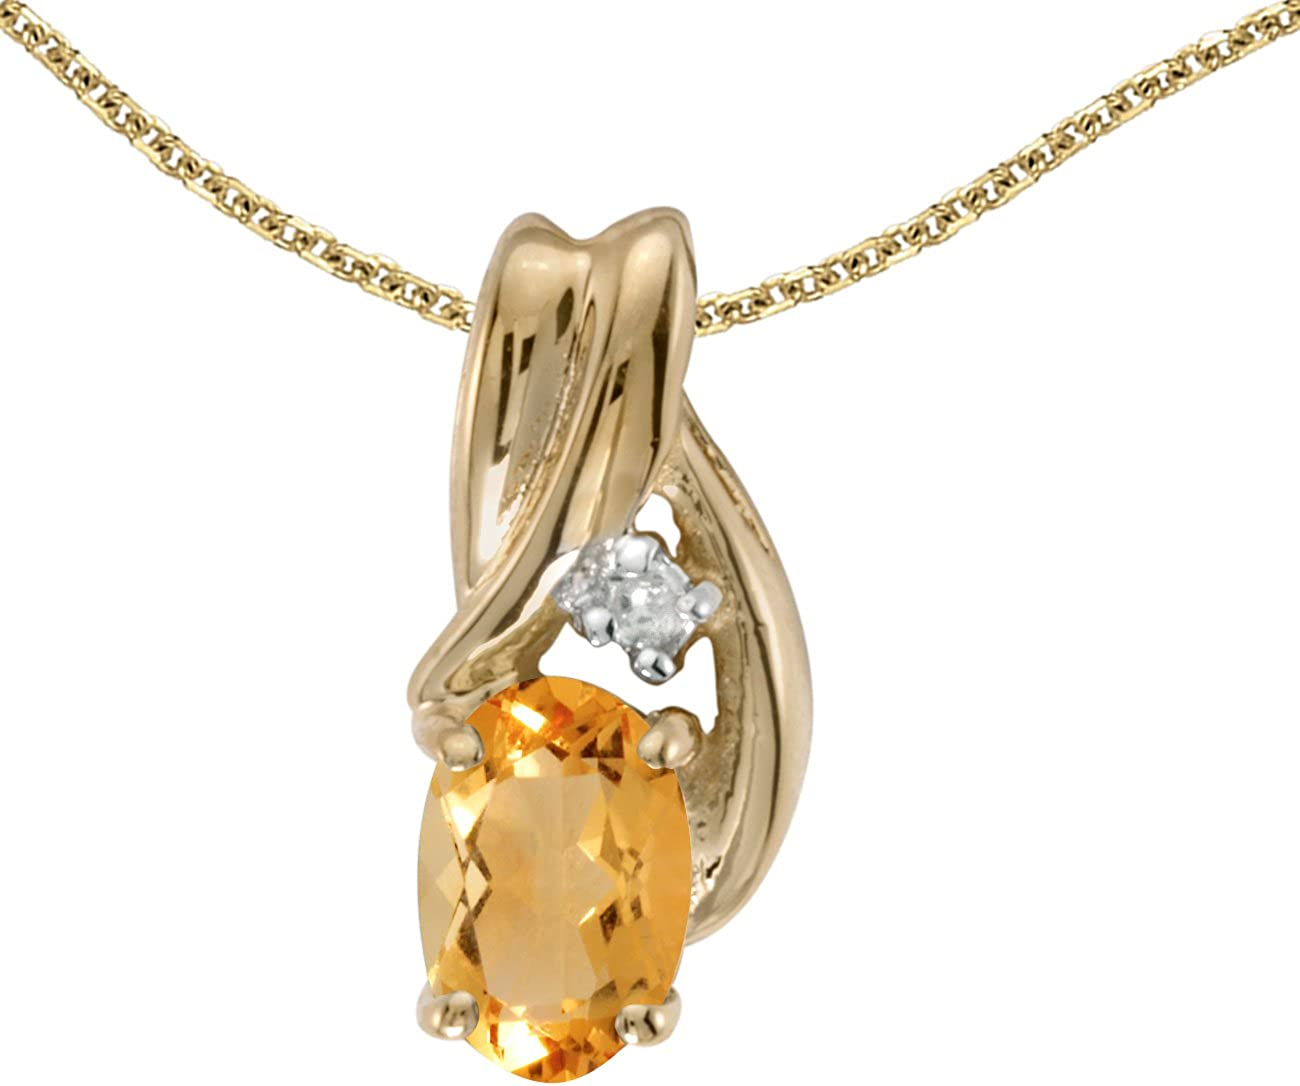 1//5 Cttw. Jewels By Lux 14k White Gold Genuine Birthstone Round Gemstone Pendant